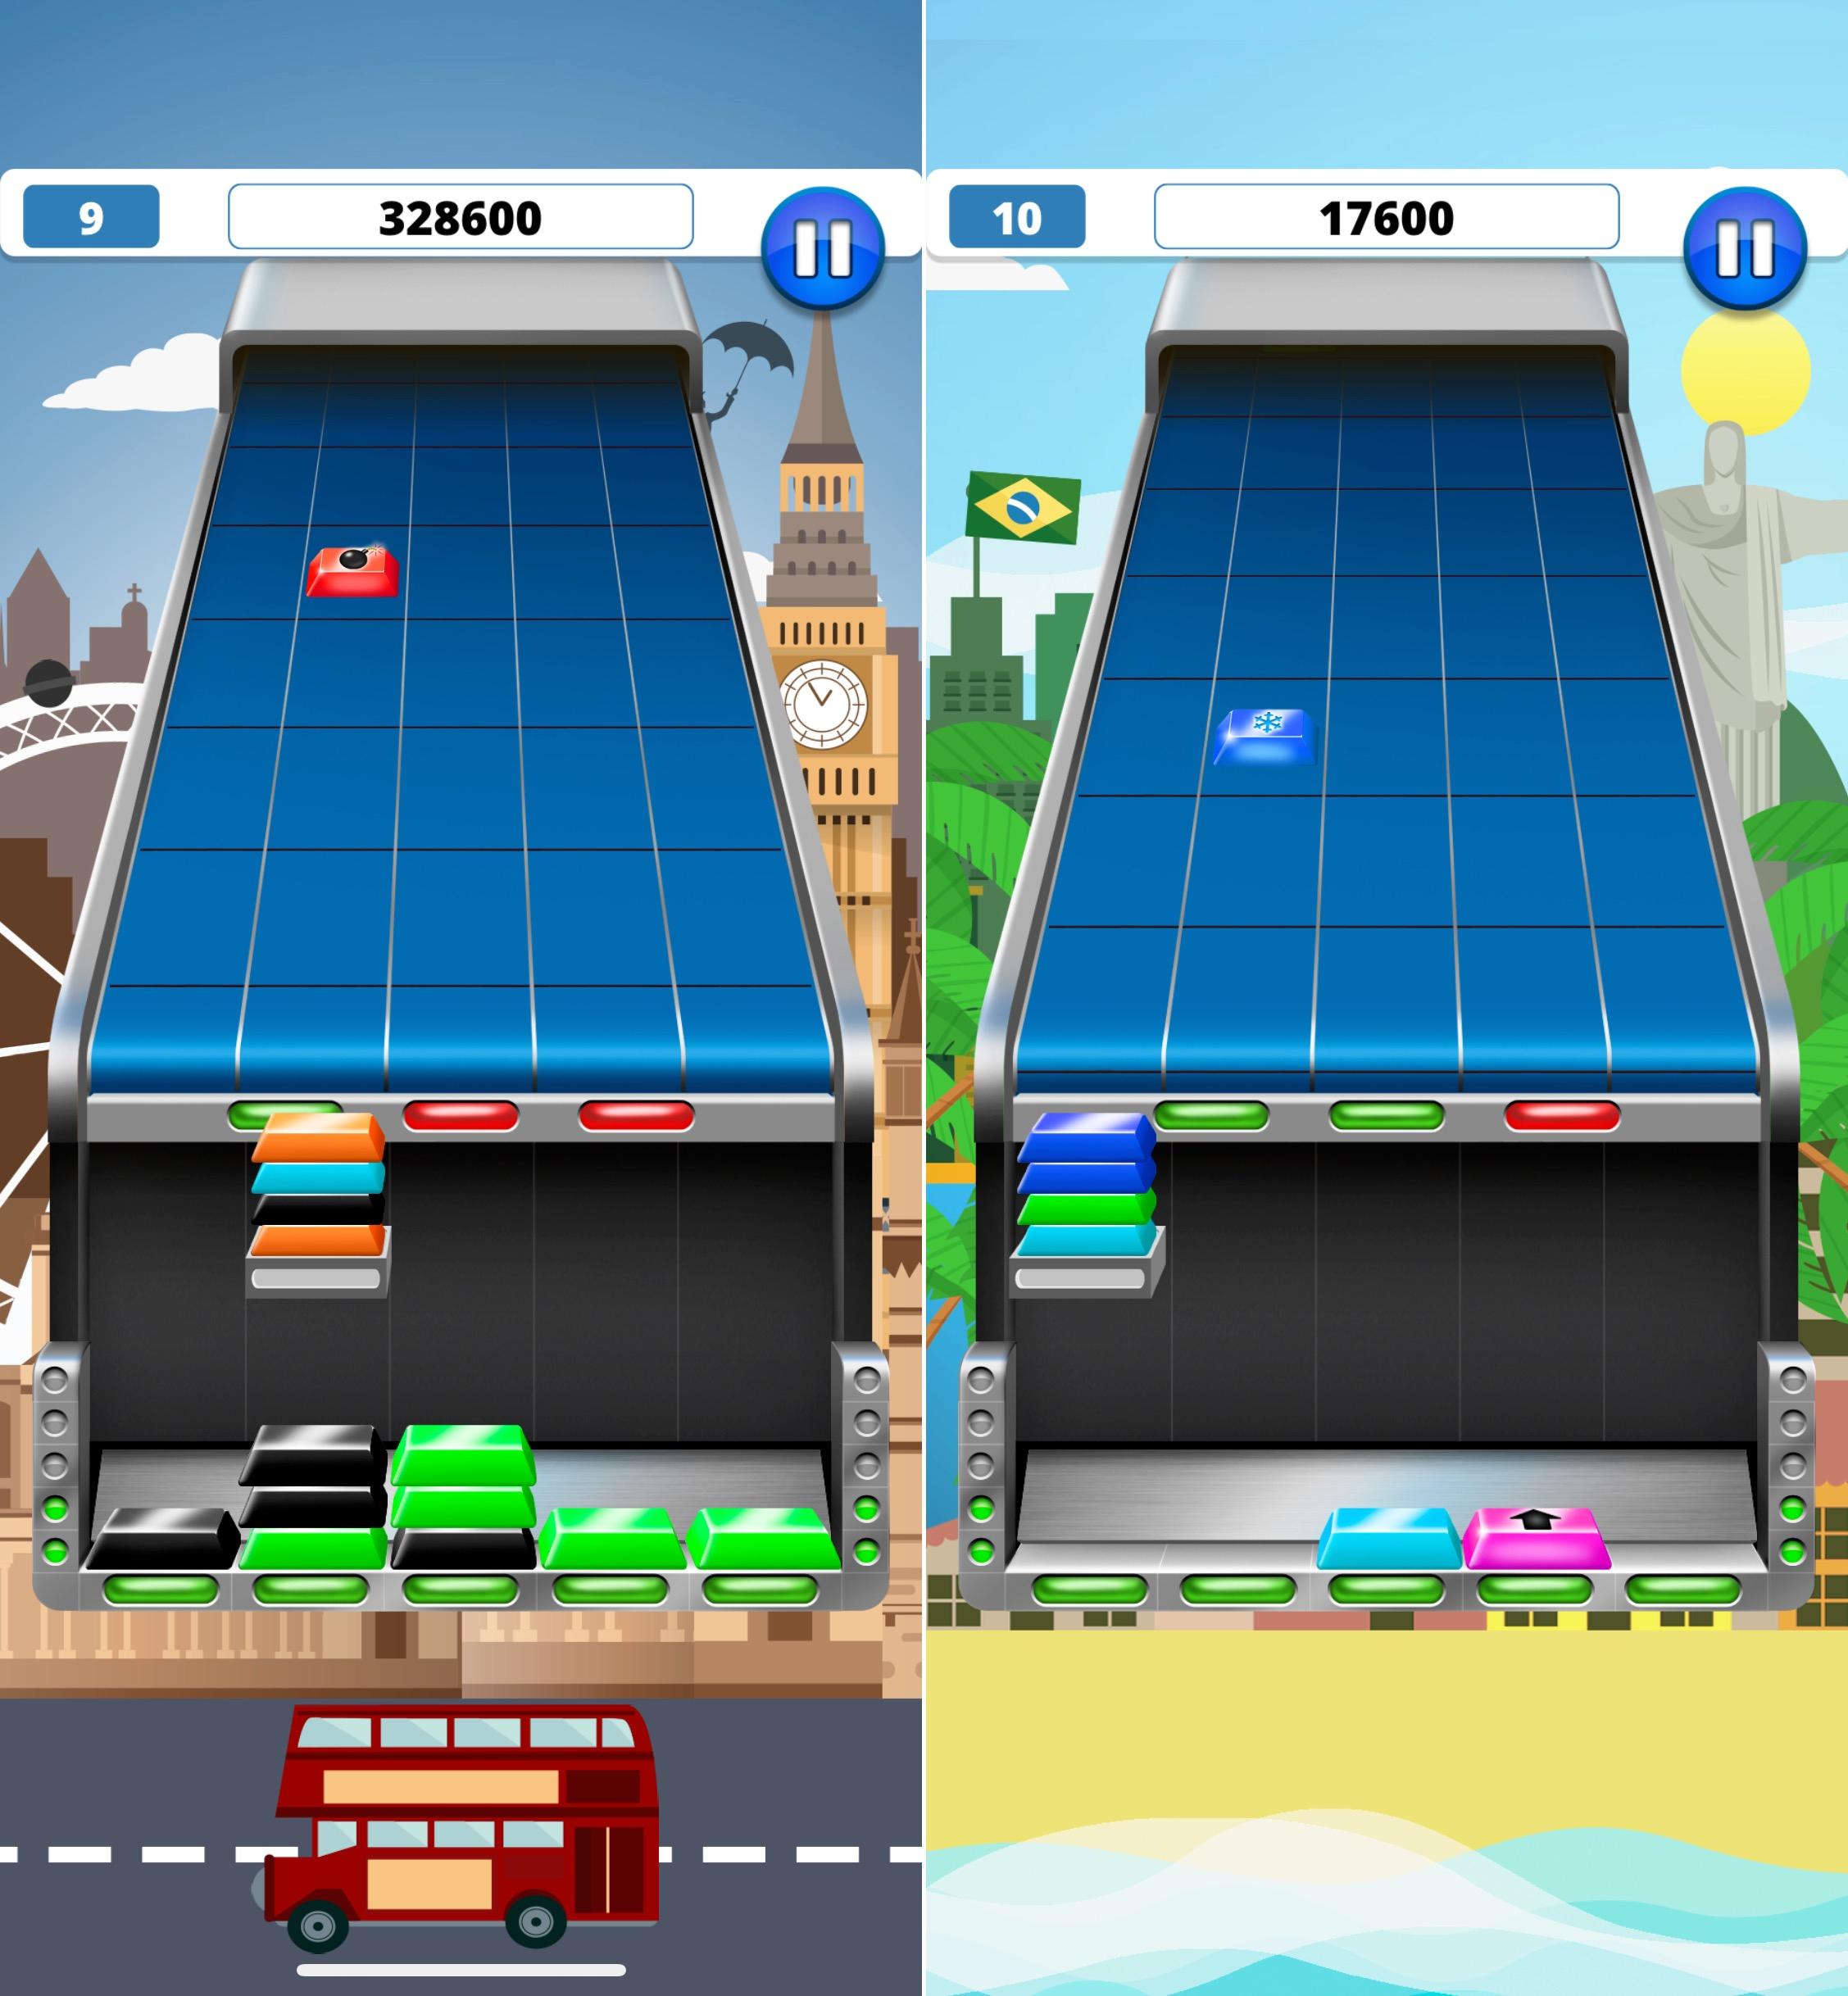 Mix De Tetris Et De Puissance 4, La Stratégie Et L'action D intérieur Jeux Gratuit Puissance 4